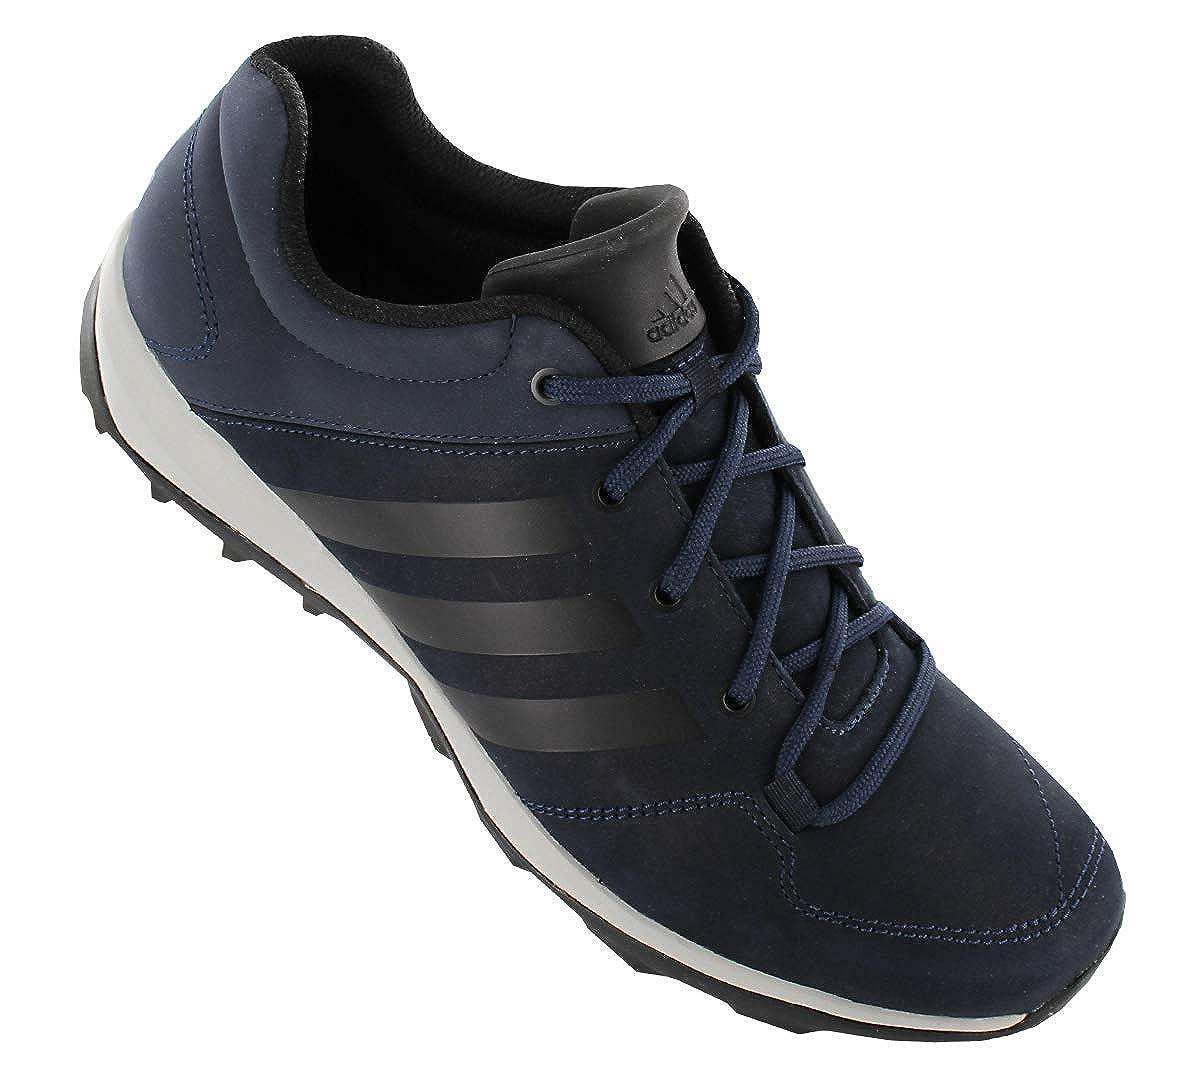 adidas Daroga Plus Lea B27272 Herren Schuhe Blau Gr. EU 39 1